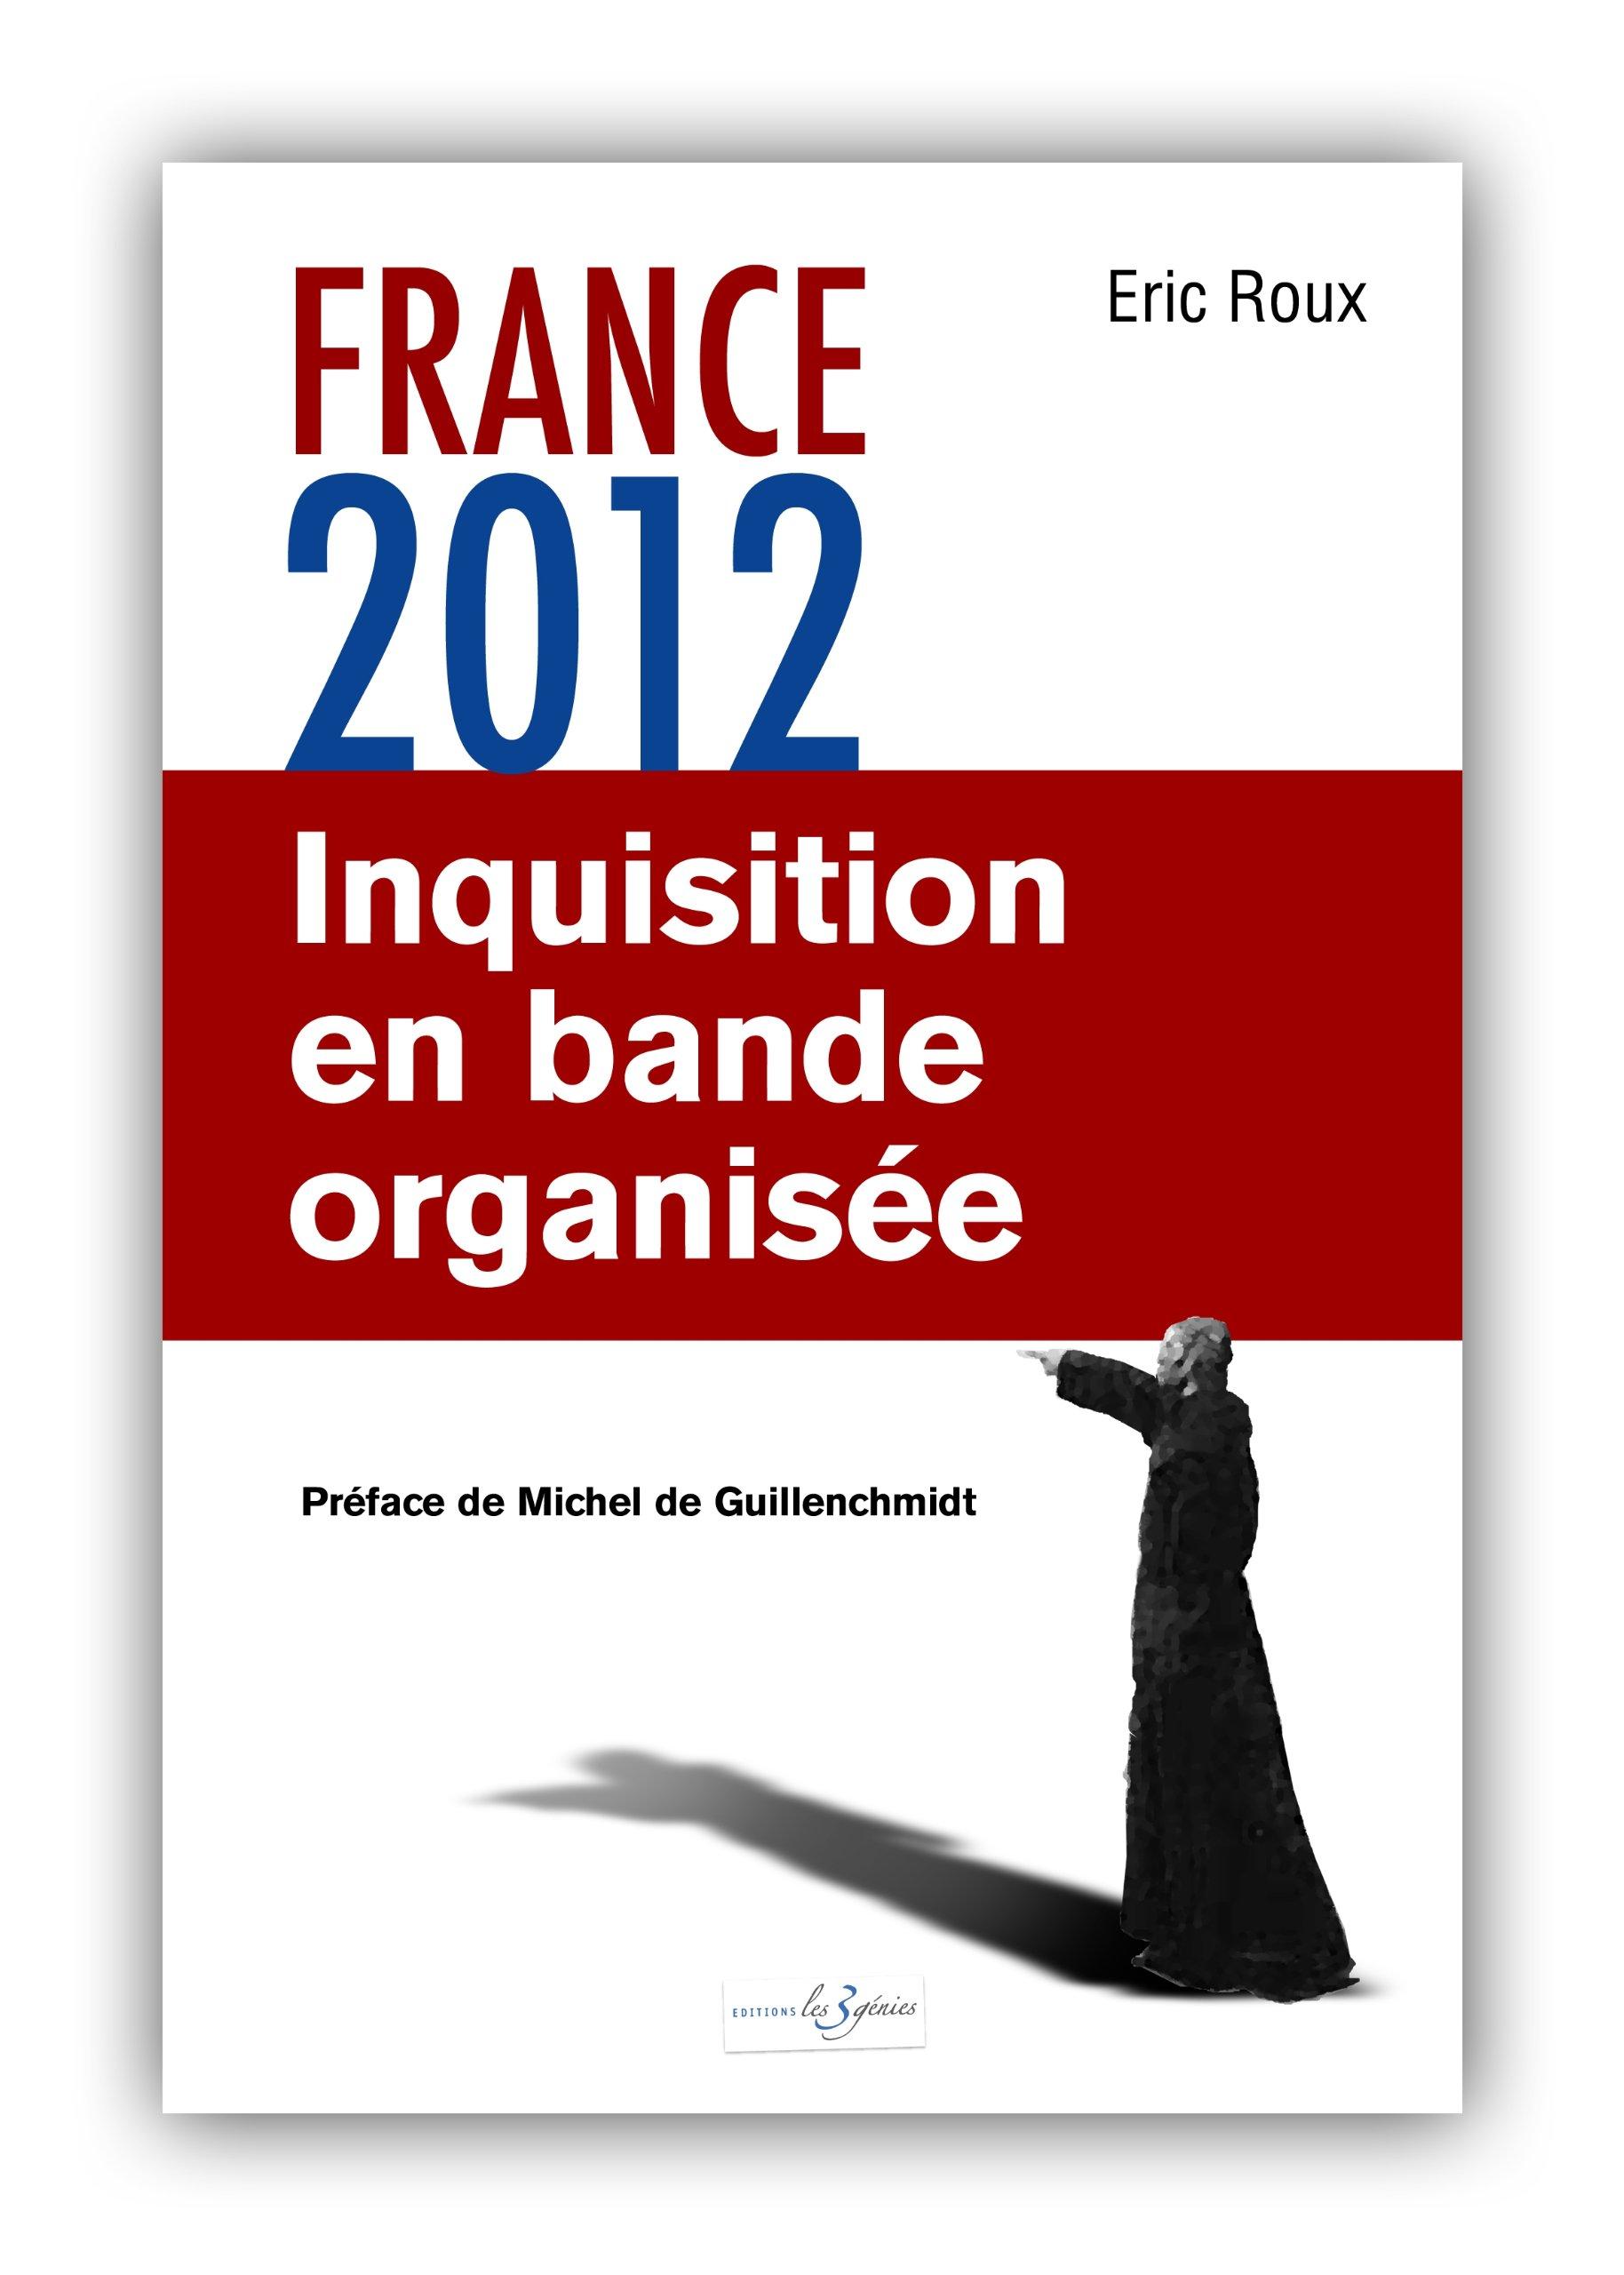 France 2012: Inquisition en bande organisée Broché – 11 septembre 2012 Eric ROUX Les 3 génies 2917952105 DROIT